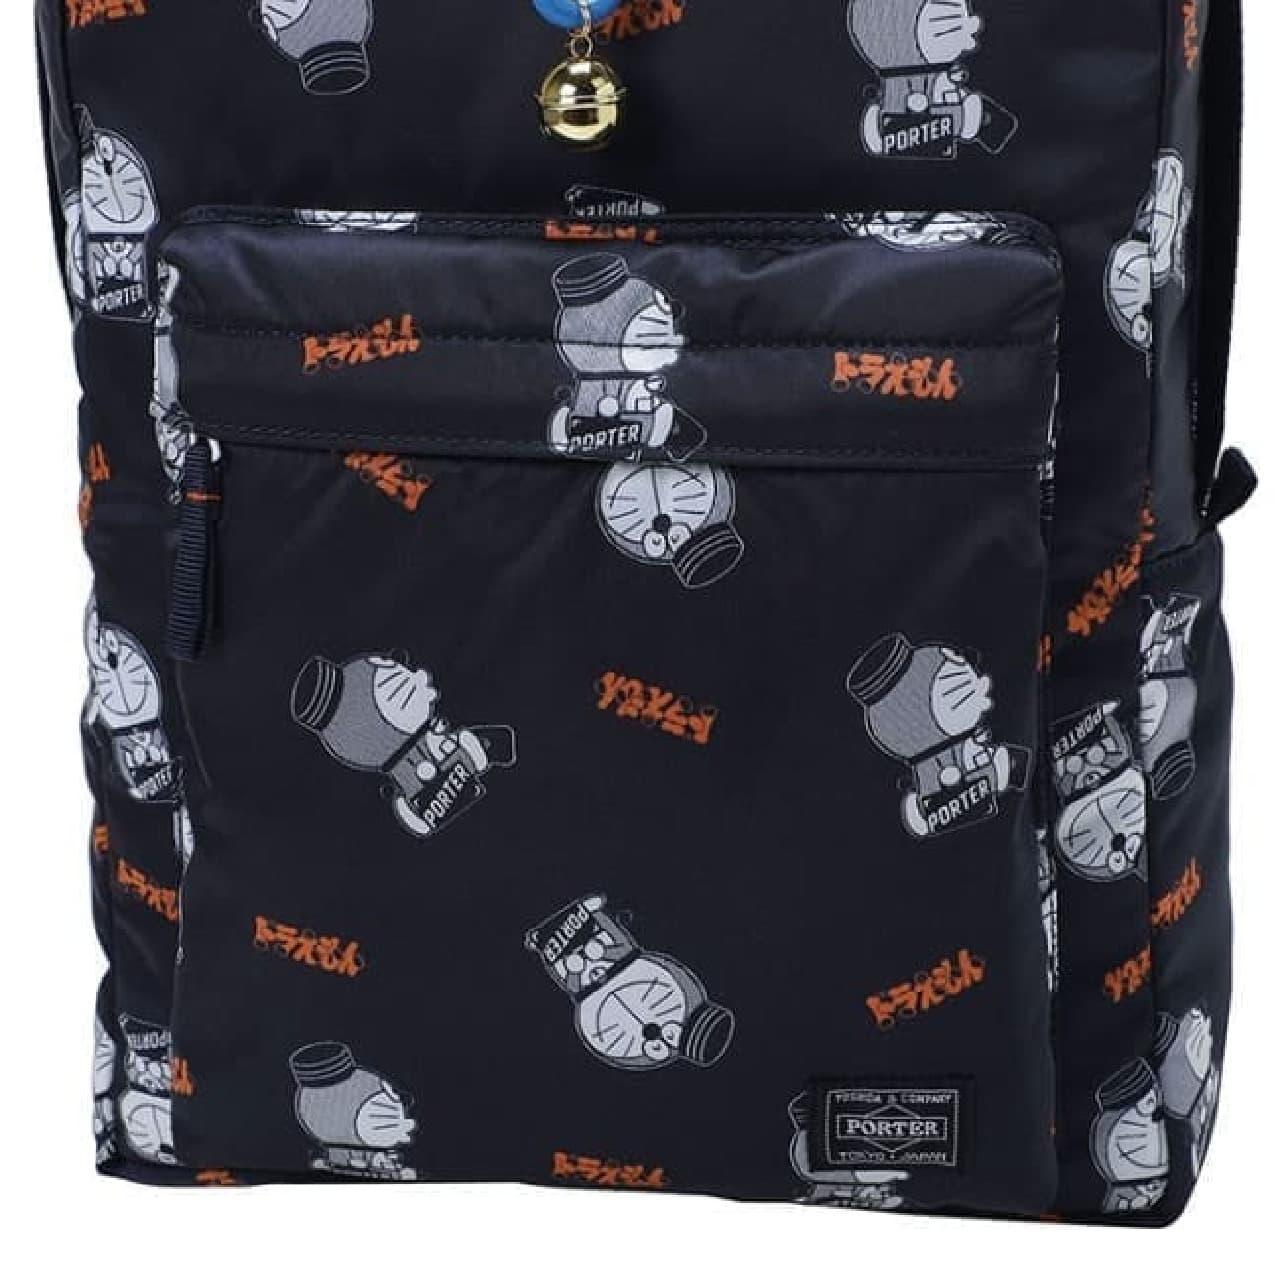 ドラえもん×PORTER コラボレーションバッグ